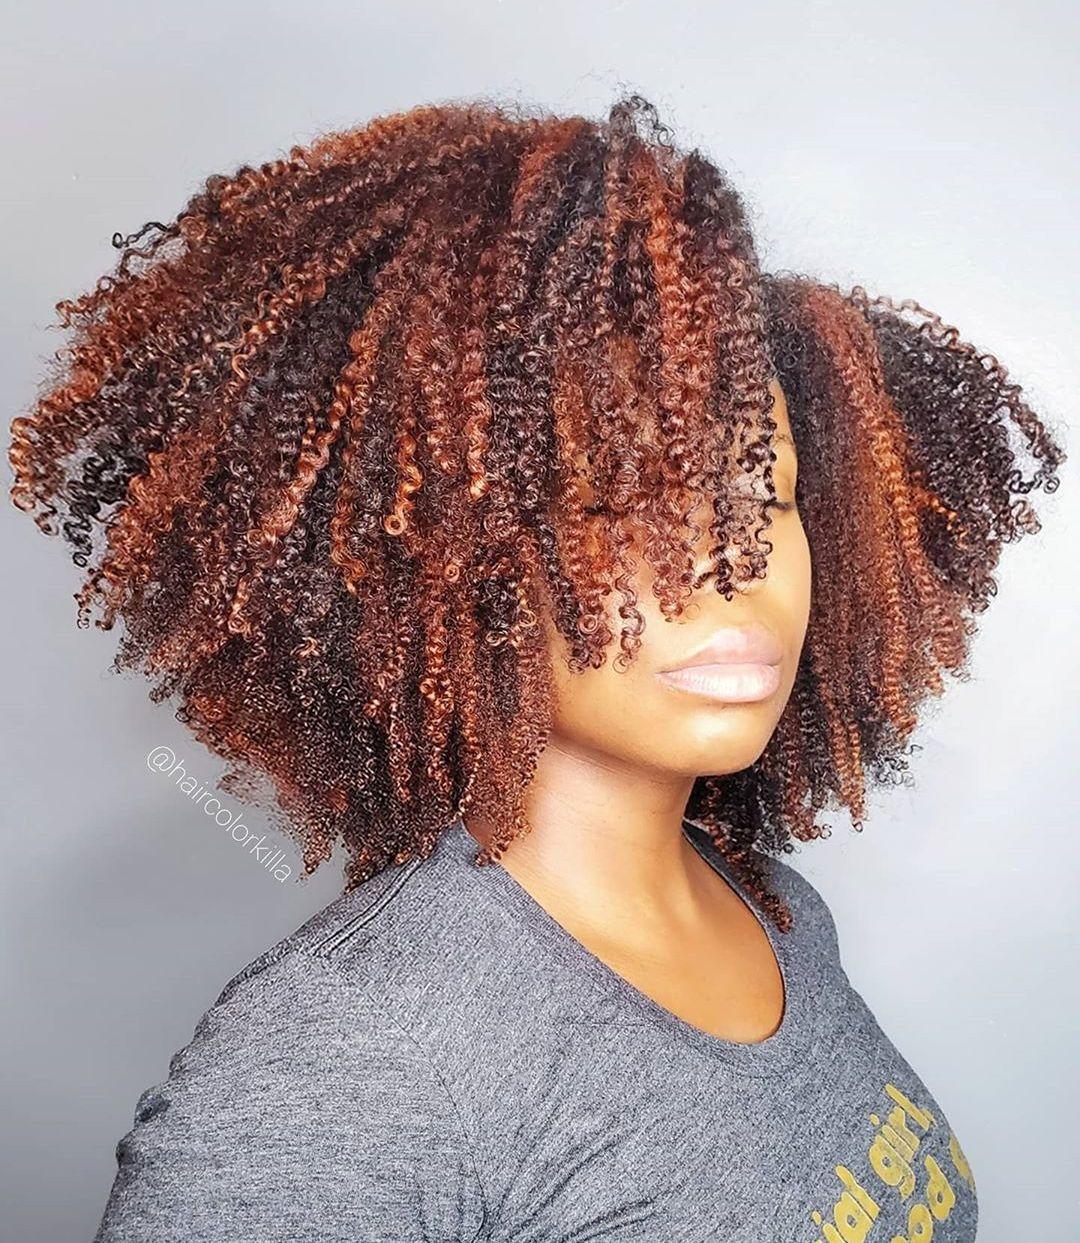 Natural Curly Reddish Brown Hair